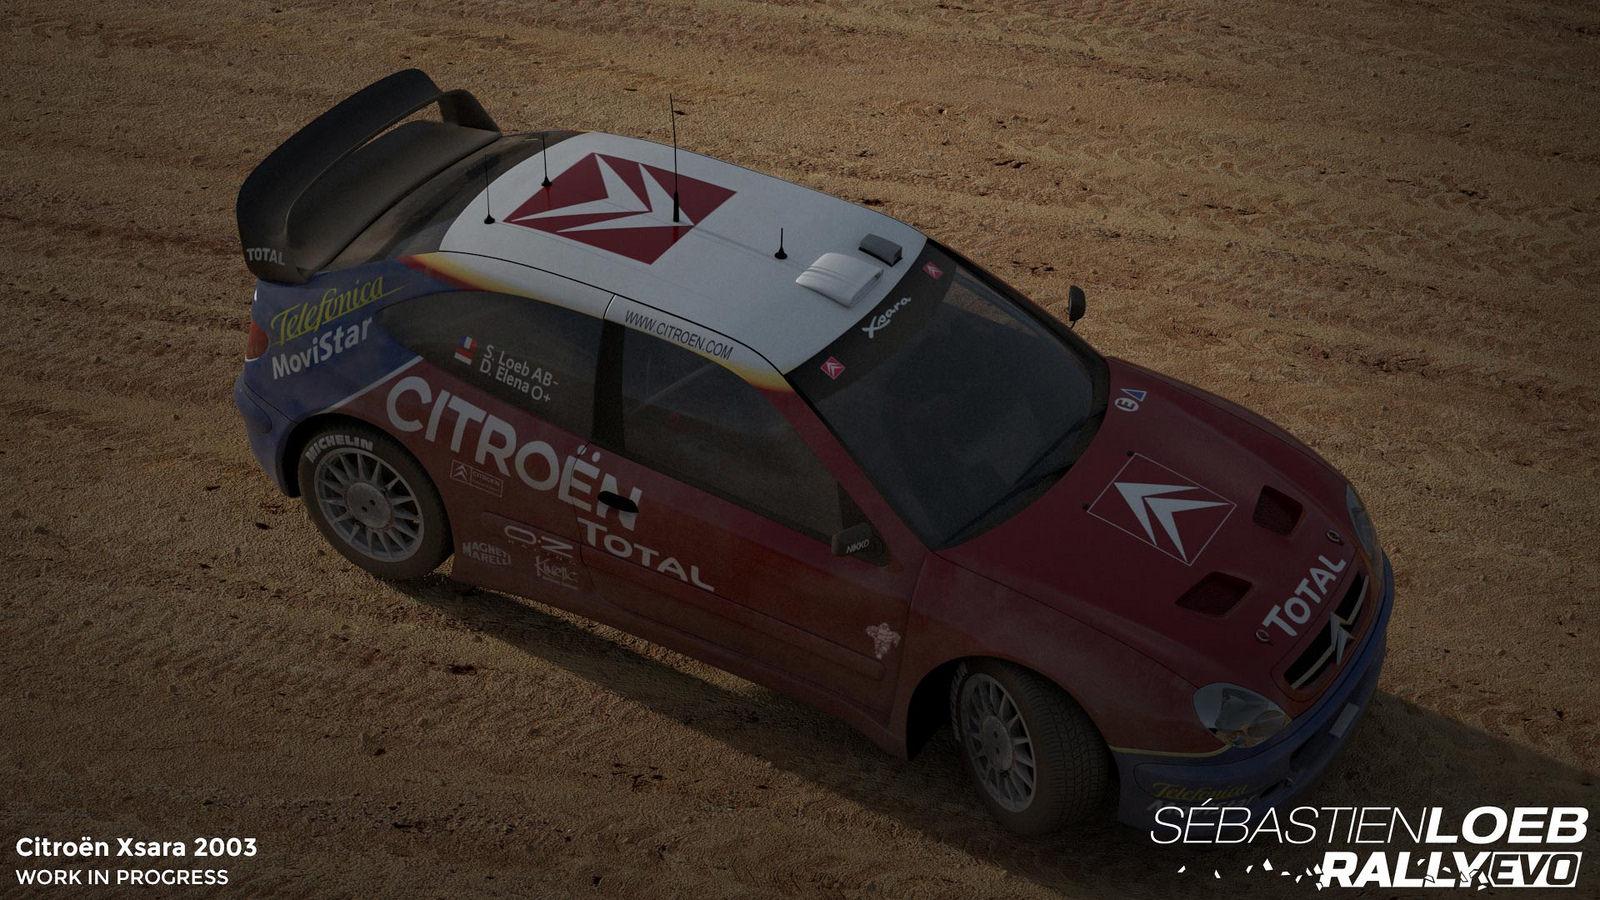 Vozy značky Citroën v závodech Sebastien Loeb Rally Evo 110723